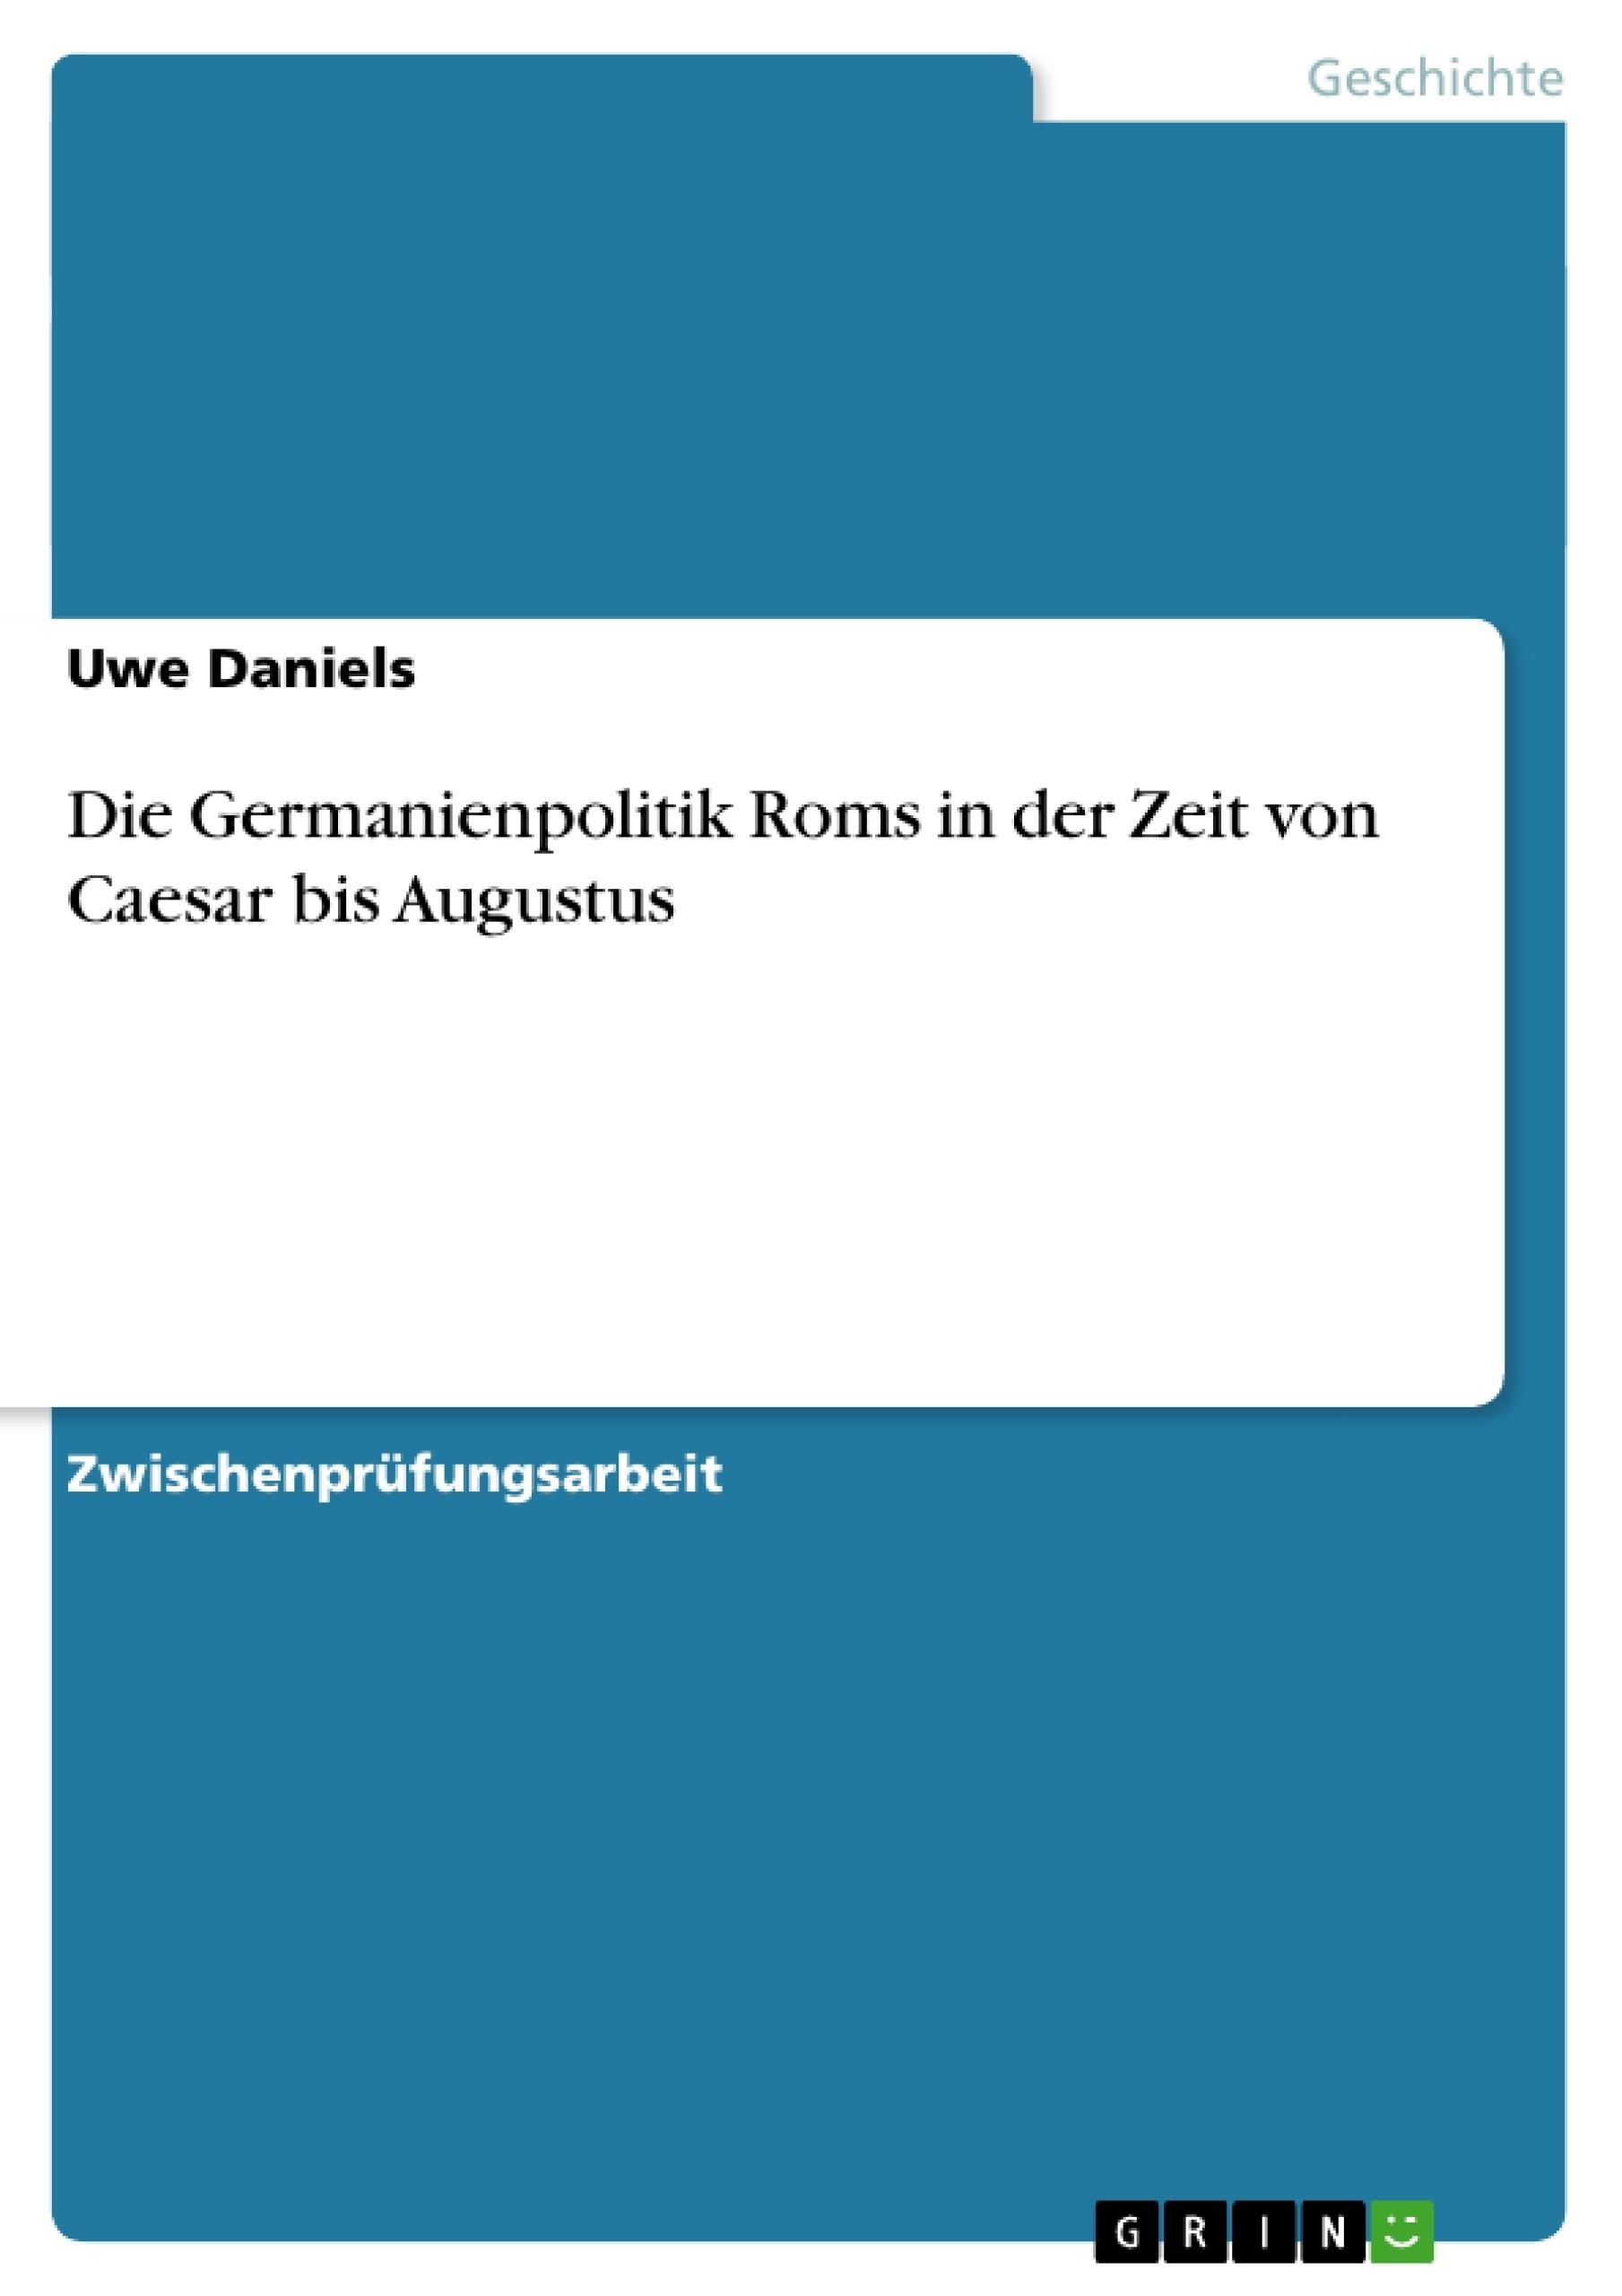 Titel: Die Germanienpolitik Roms in der Zeit von Caesar bis Augustus